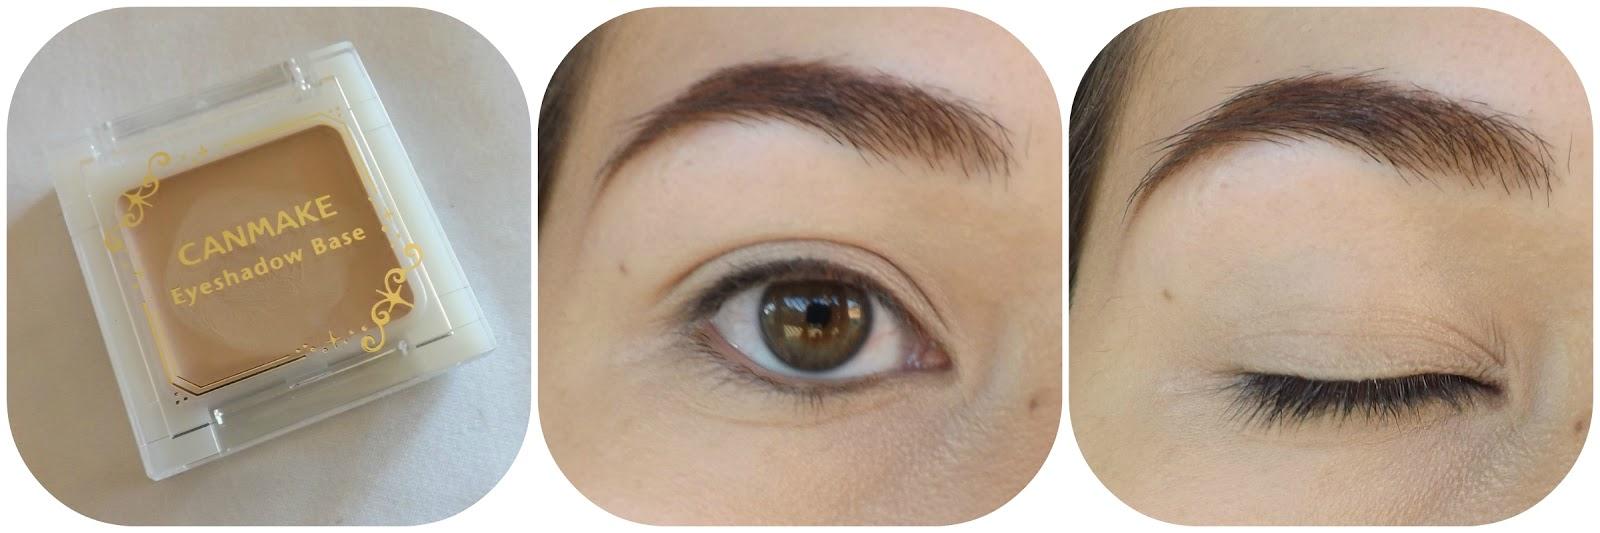 Tutorial Everyday Eye Makeup Ft Urban Decay Naked2 Basics Taken